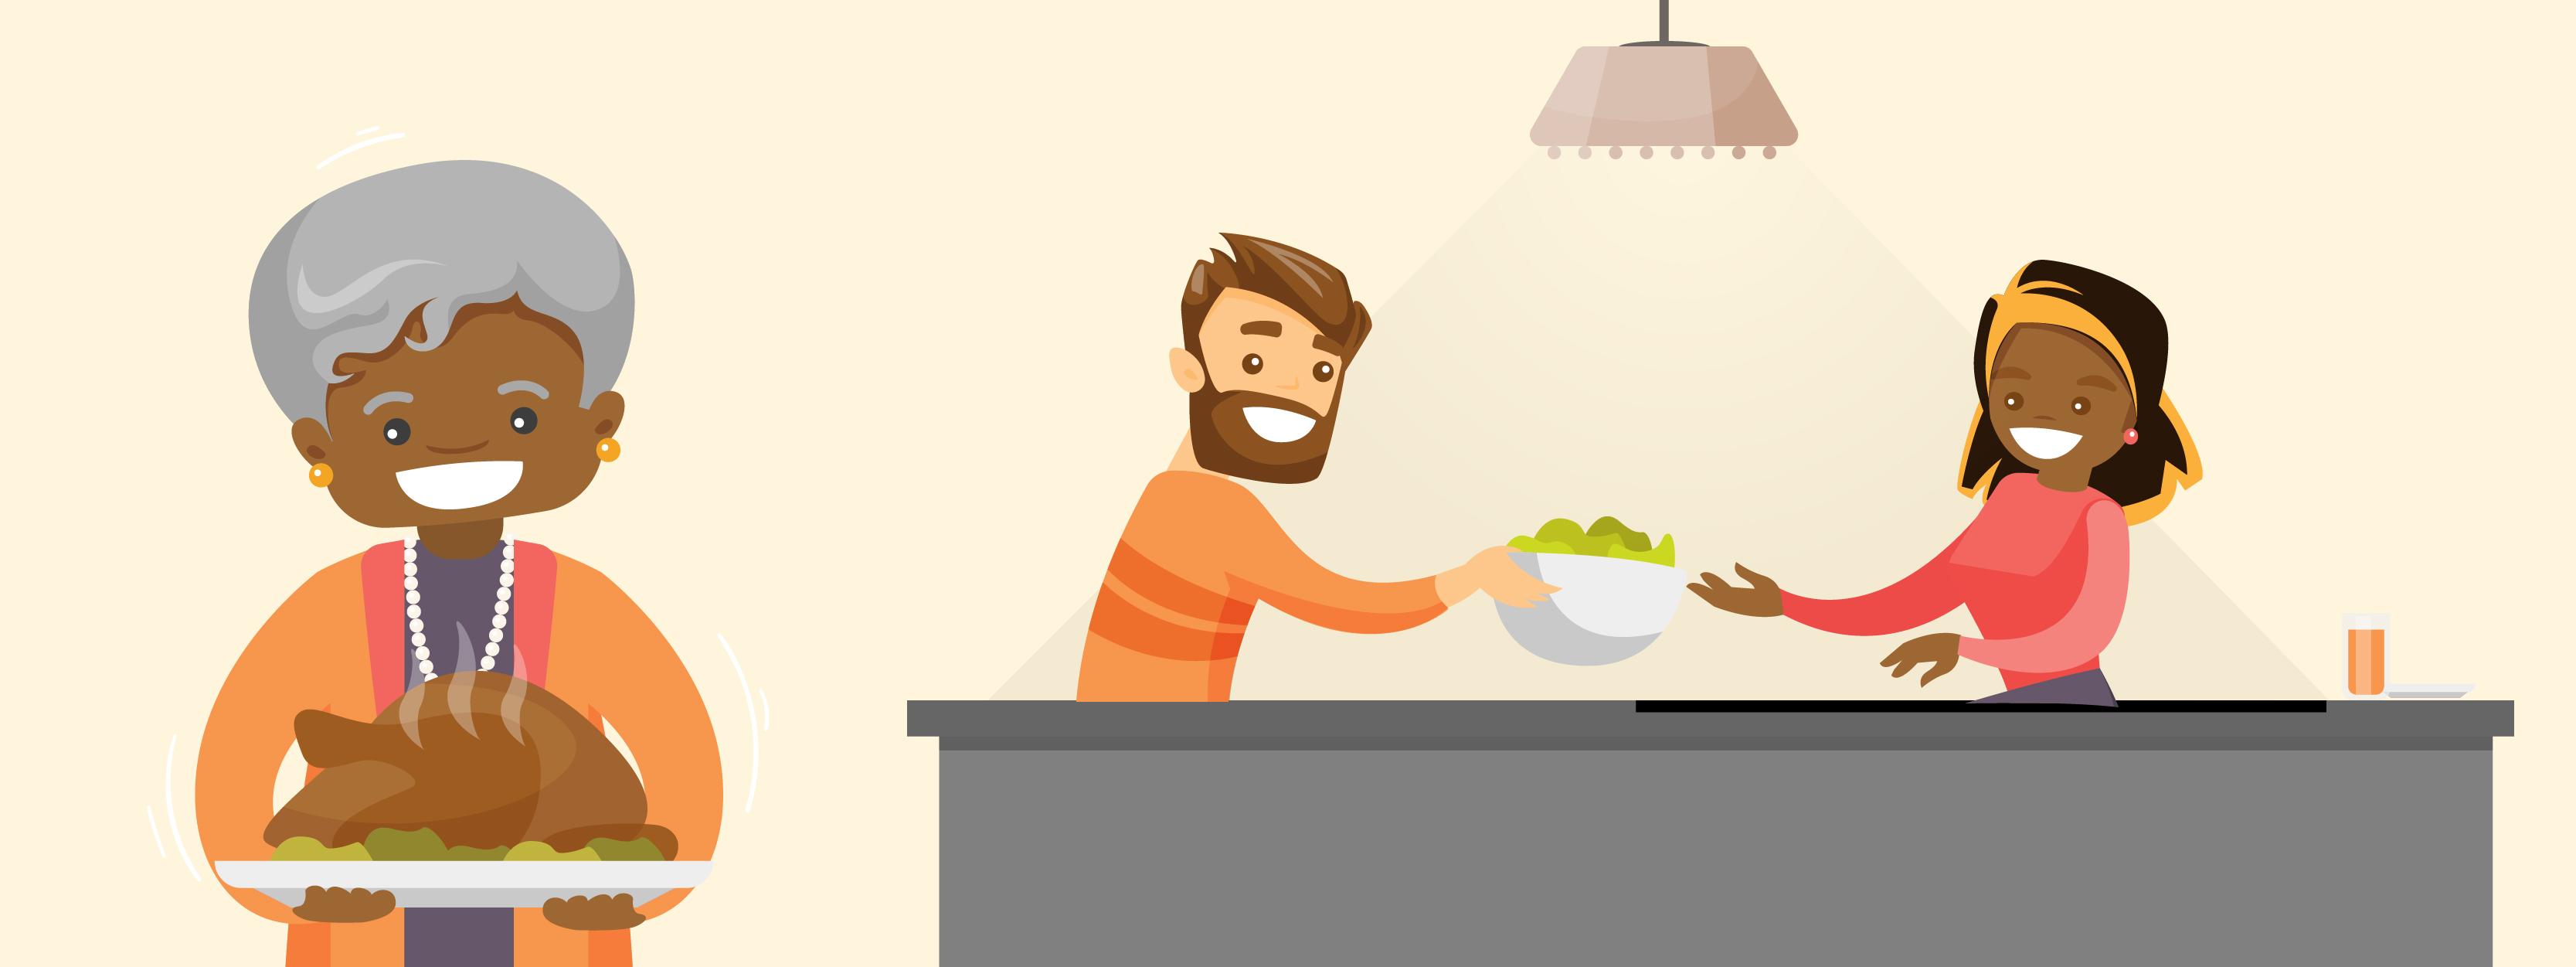 dîner de thanksgiving sur une cuisine à petit budget